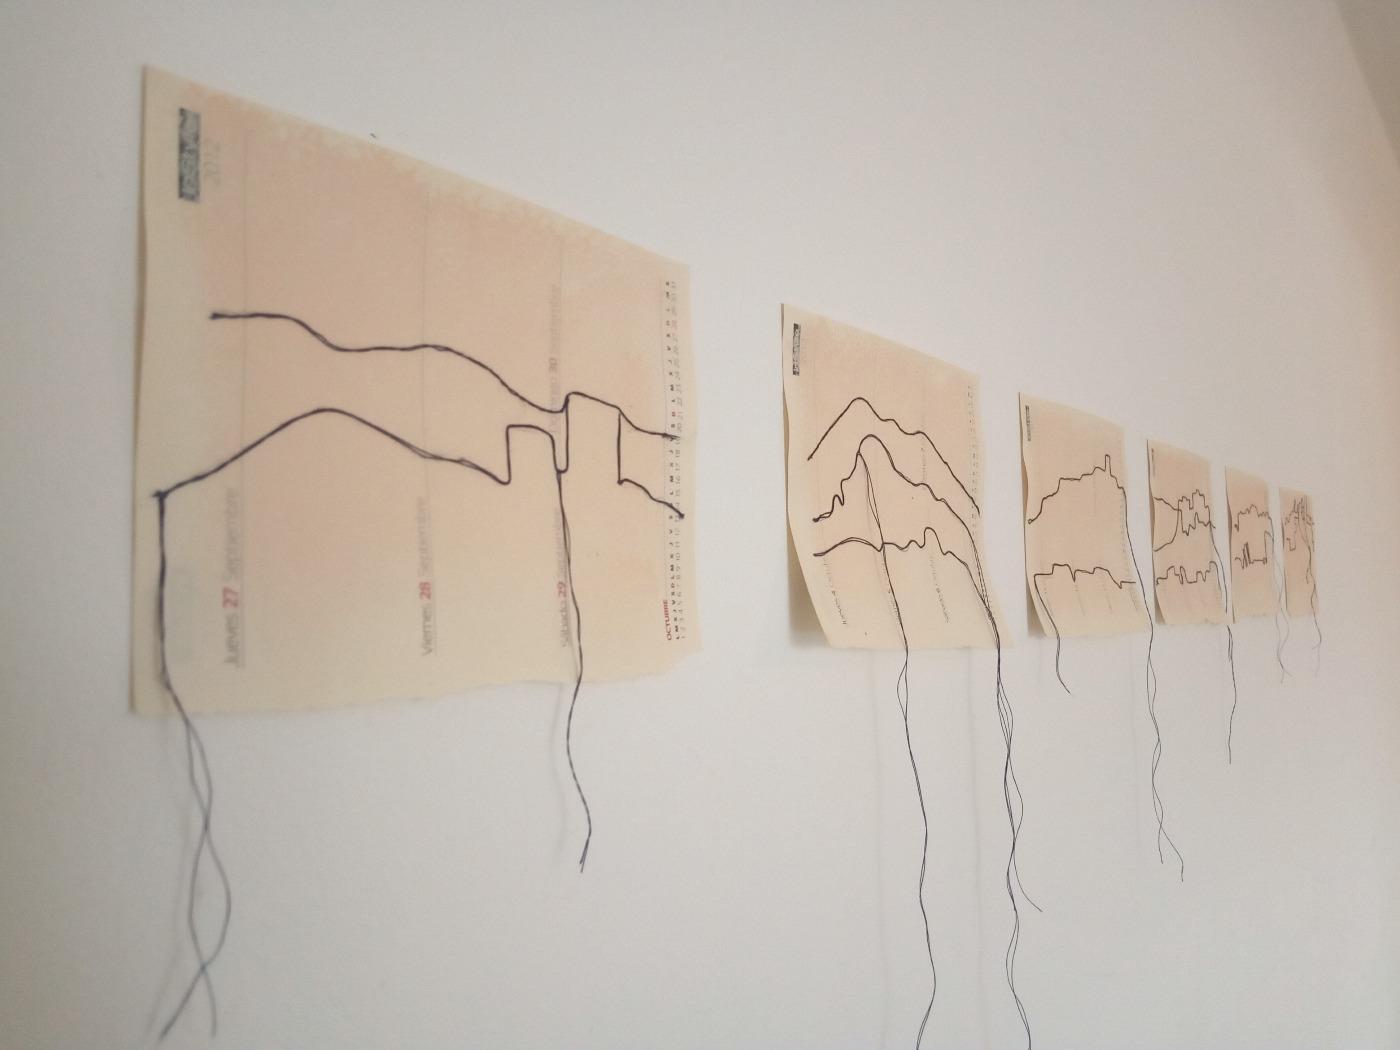 Fragmentos de Paisajes. Dibujo sobre papel y hilo. 2020